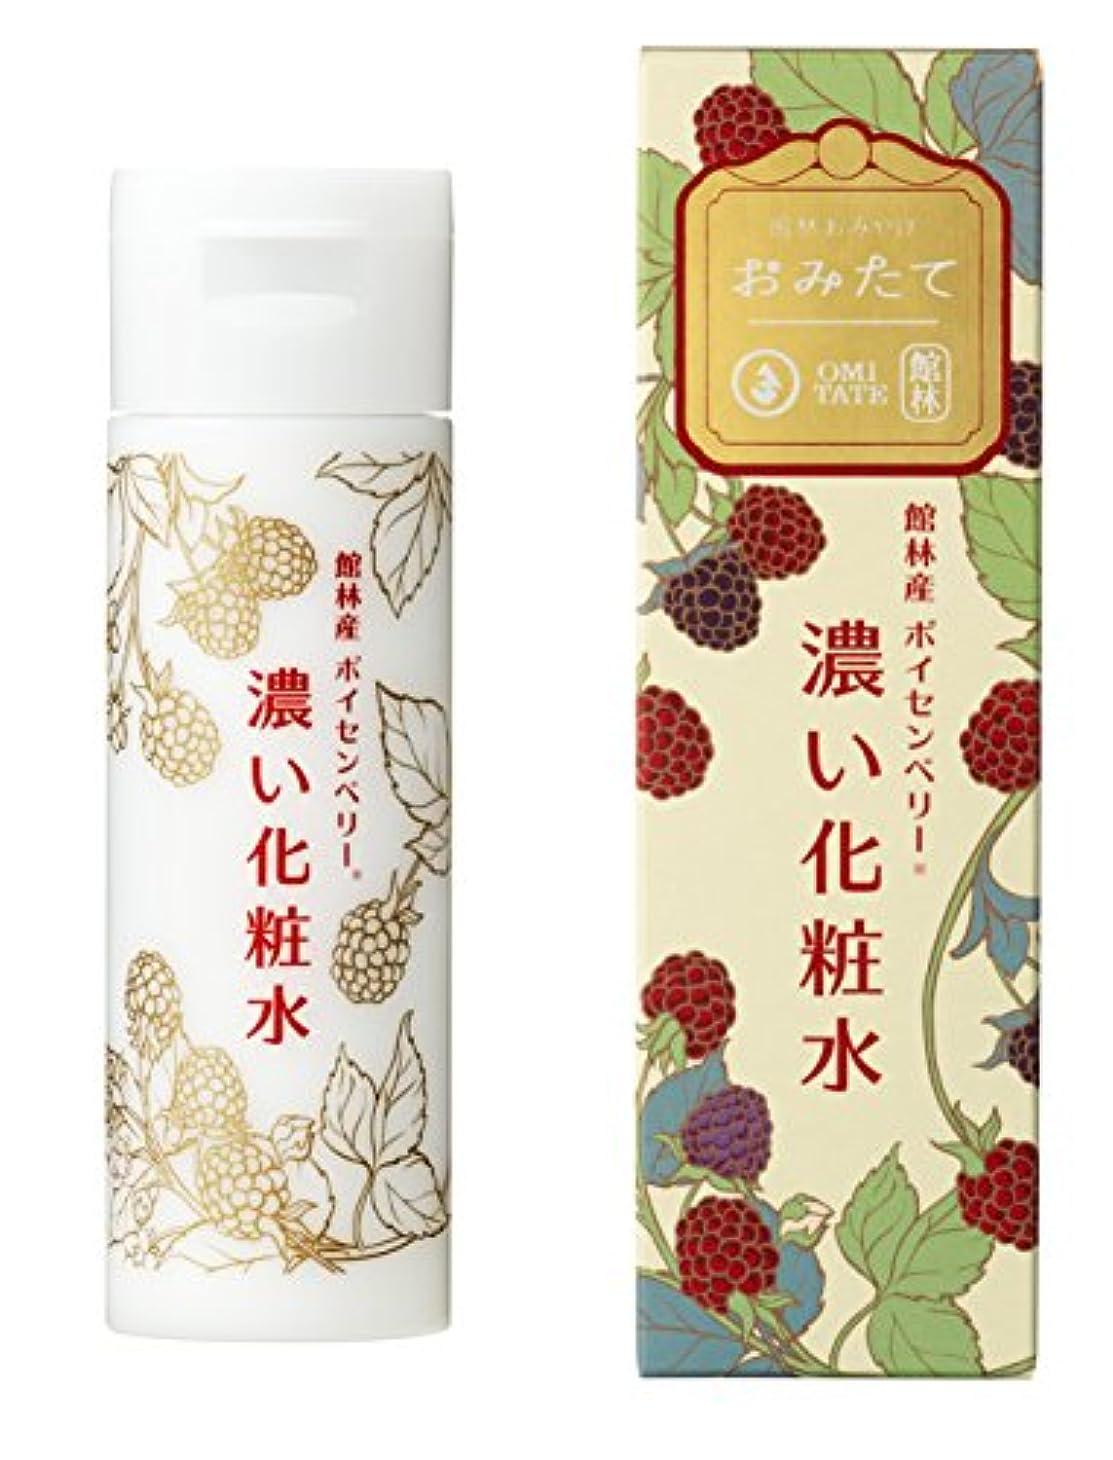 語手がかり不足館林産ボイセンベリー濃い化粧水(100mL)